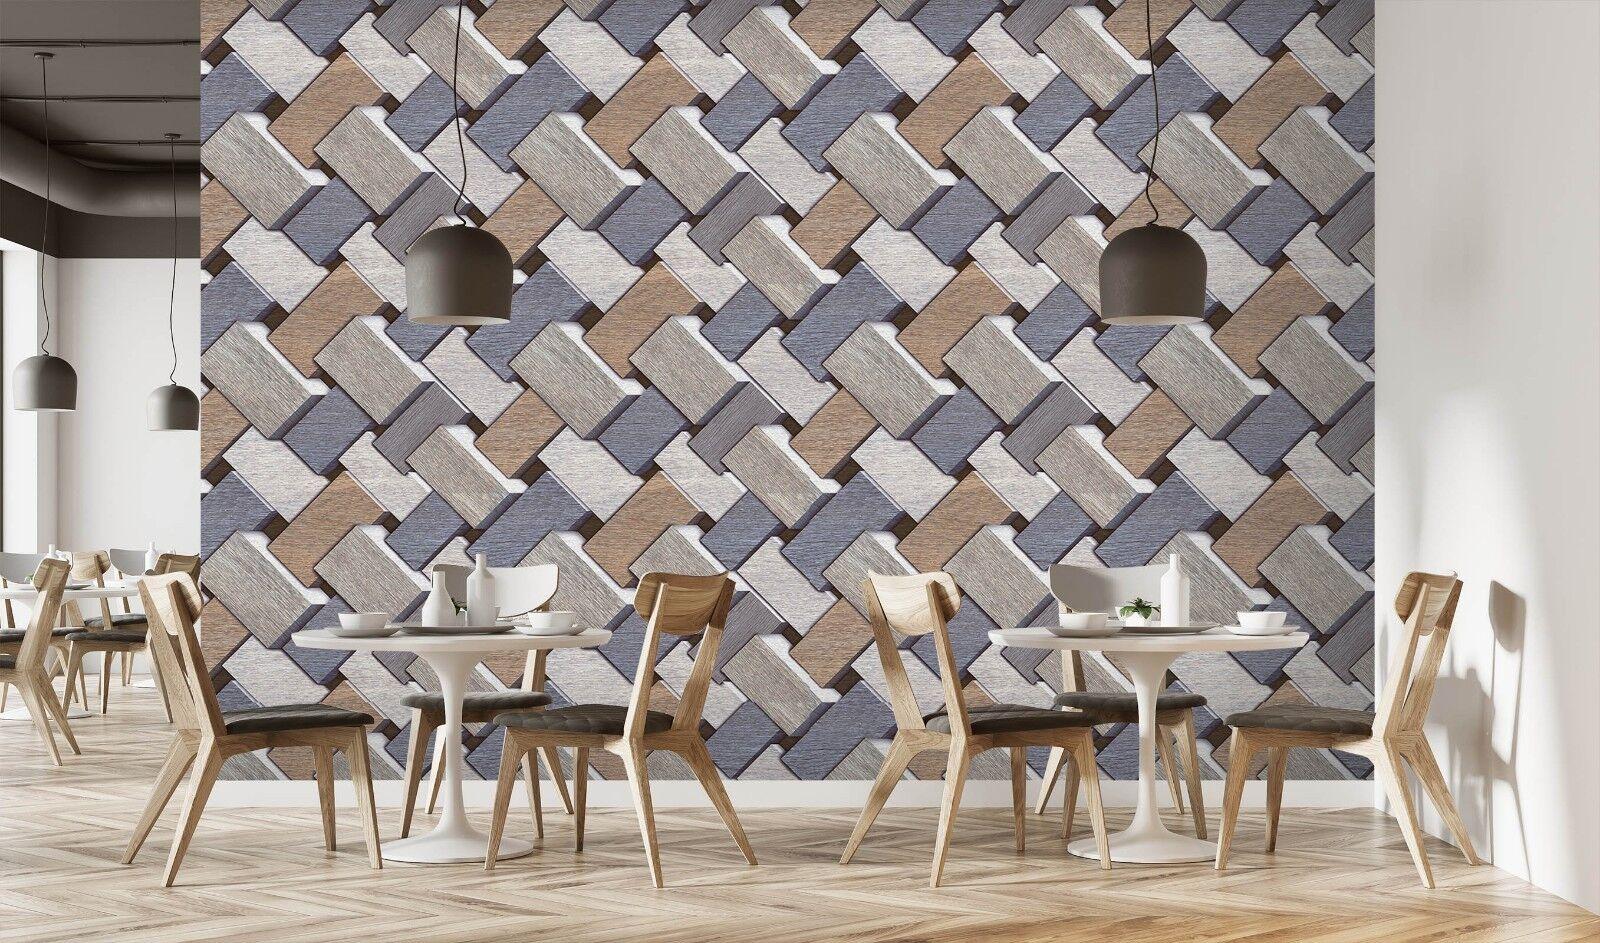 D fibbia in legno texture piastrelle marmo carta muro carta